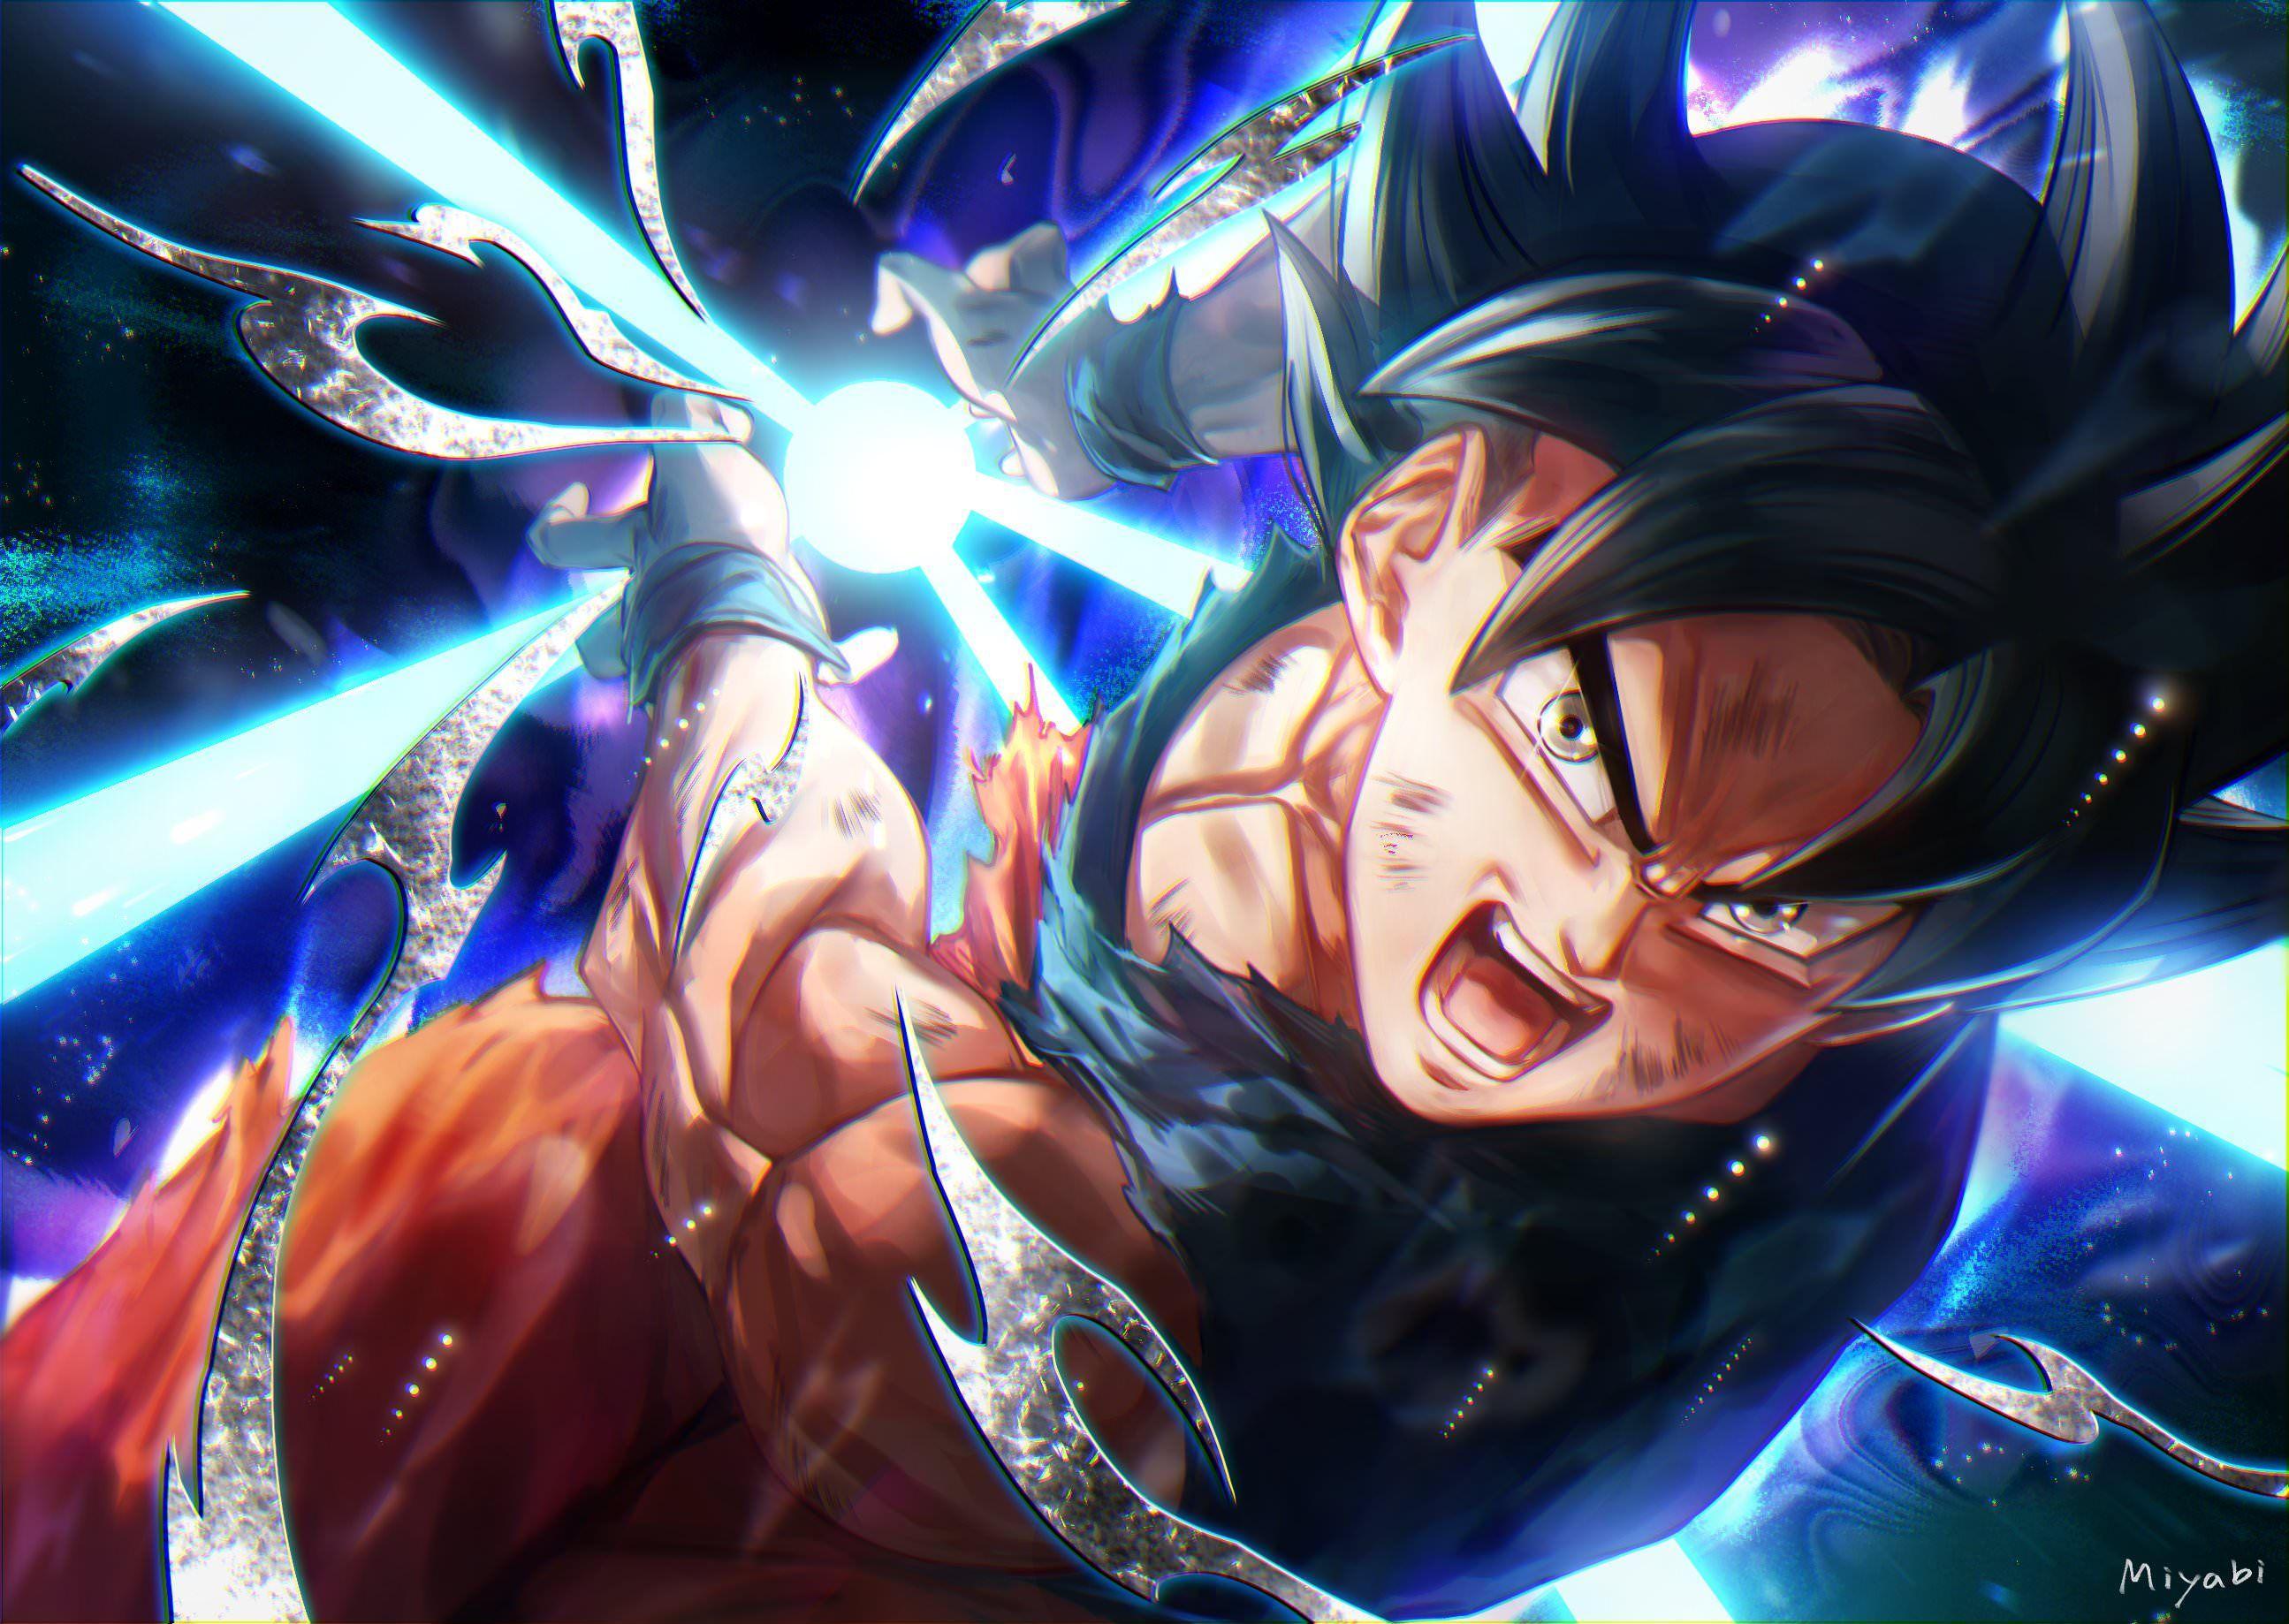 Goku Ui Wallpapers Top Free Goku Ui Backgrounds Wallpaperaccess